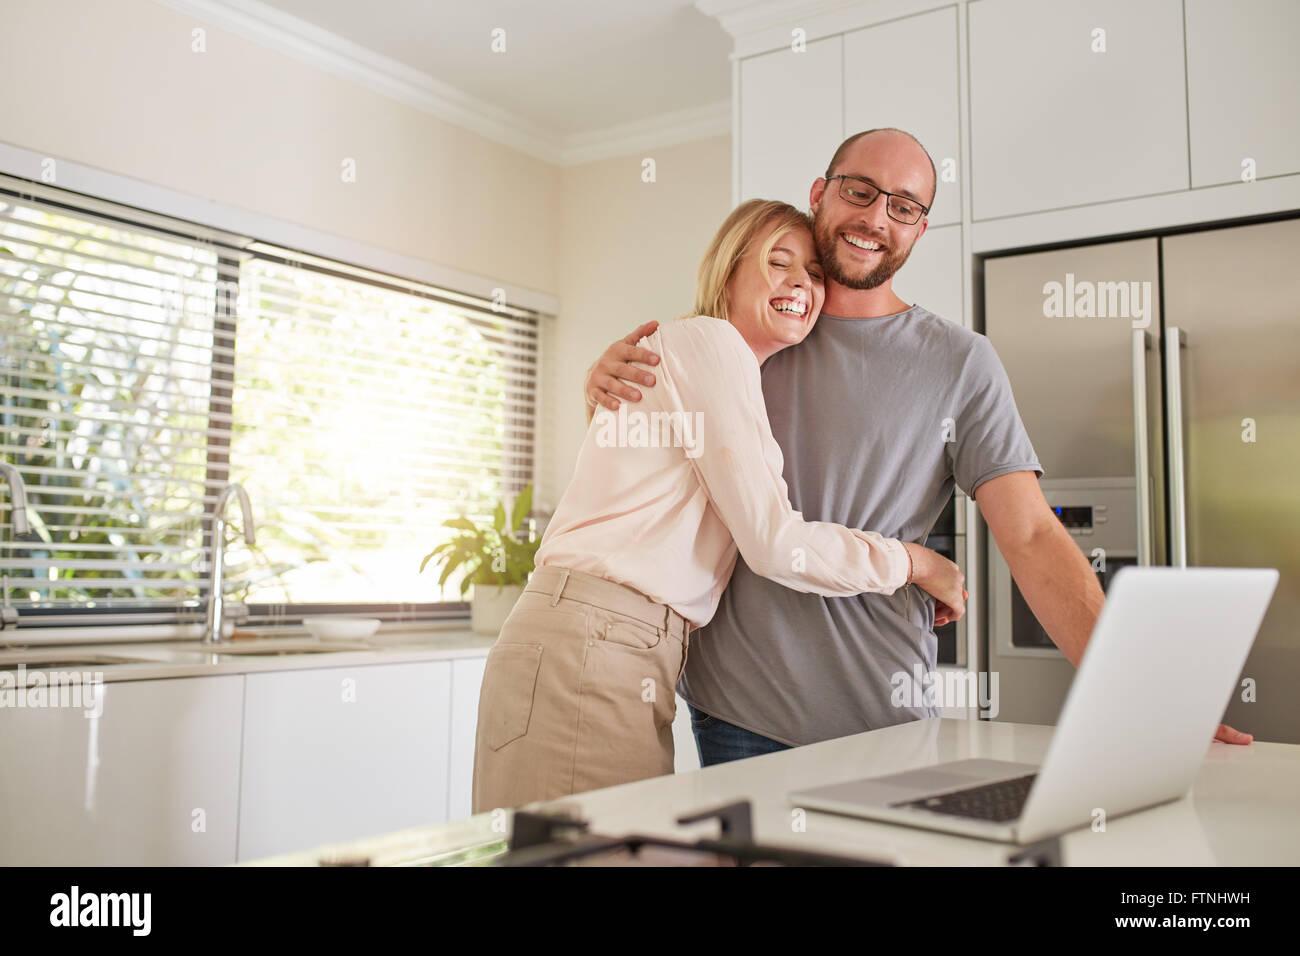 Piscina colpo di amare giovane in cucina con un computer portatile. Uomo maturo e la donna che abbraccia ogni altra Immagini Stock